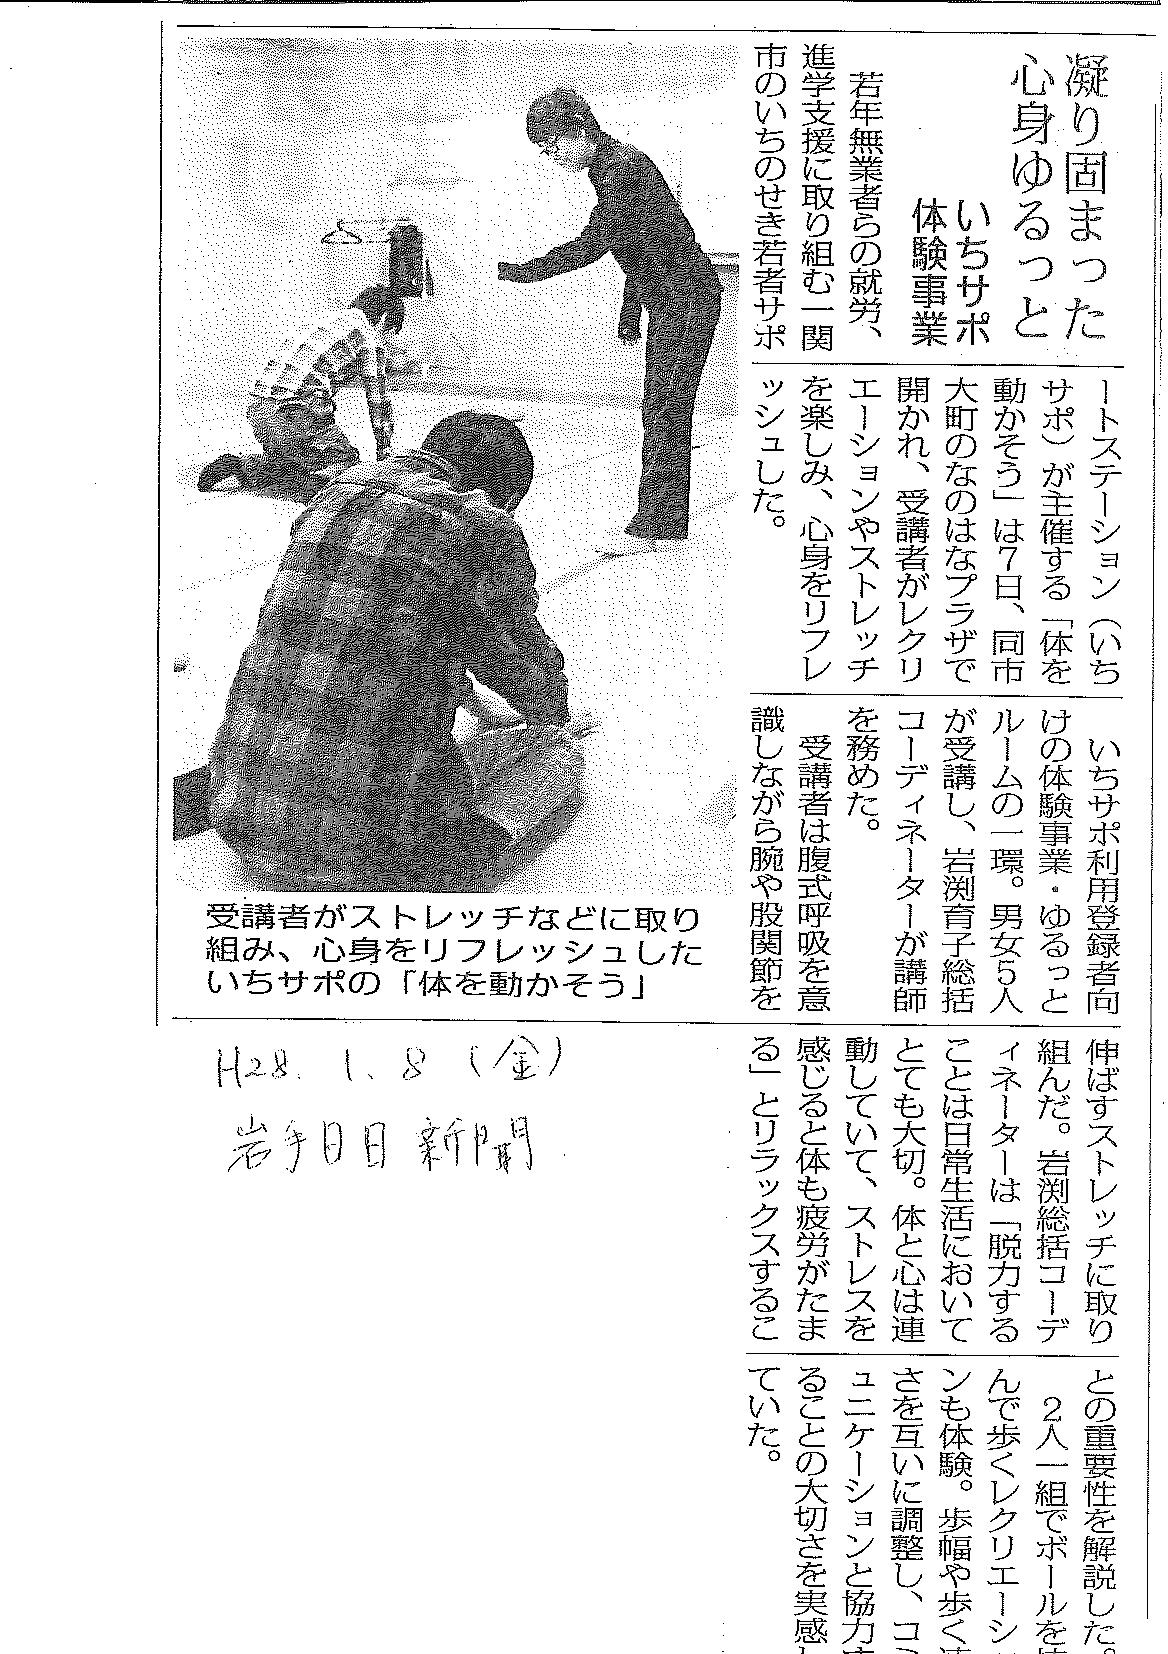 ゆるっと1月7日新聞掲載記事